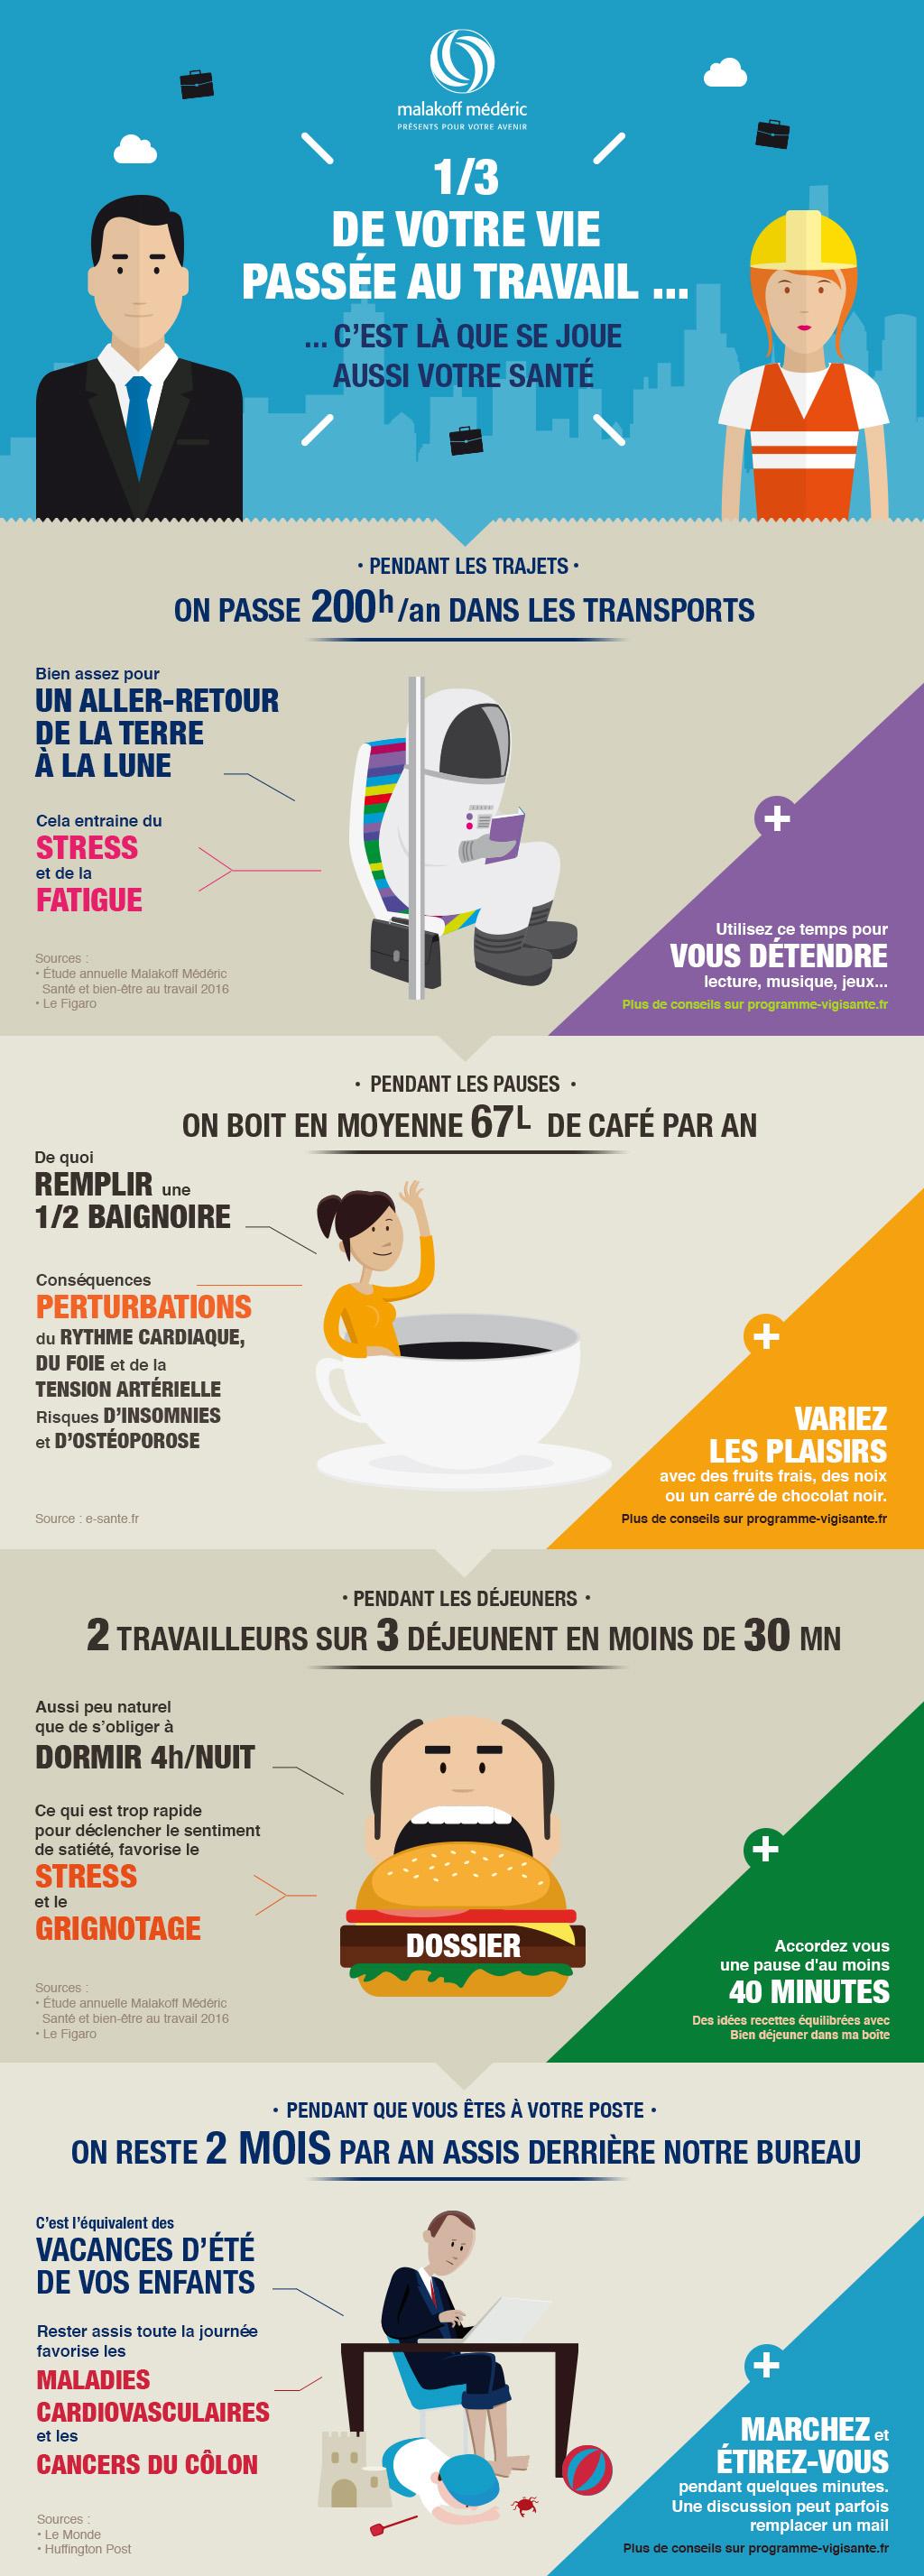 Infographie Malakoff Mederic sur la santé au travail